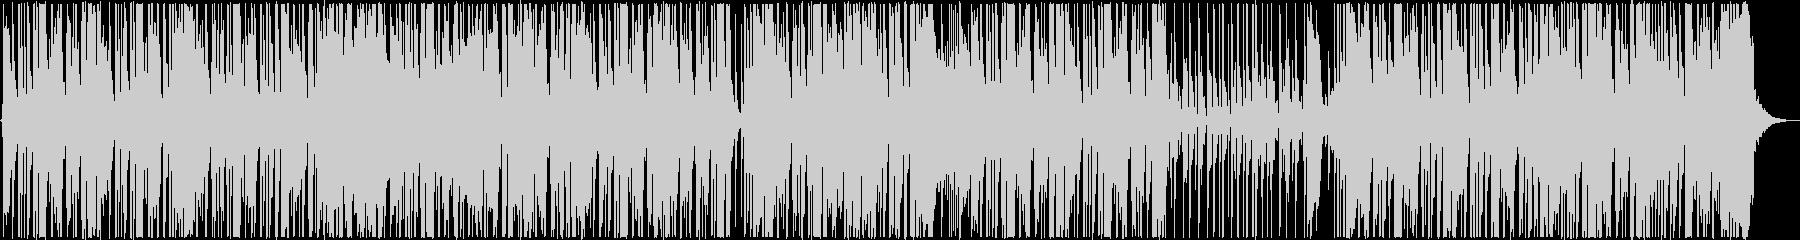 ファンキーなロックステディの未再生の波形